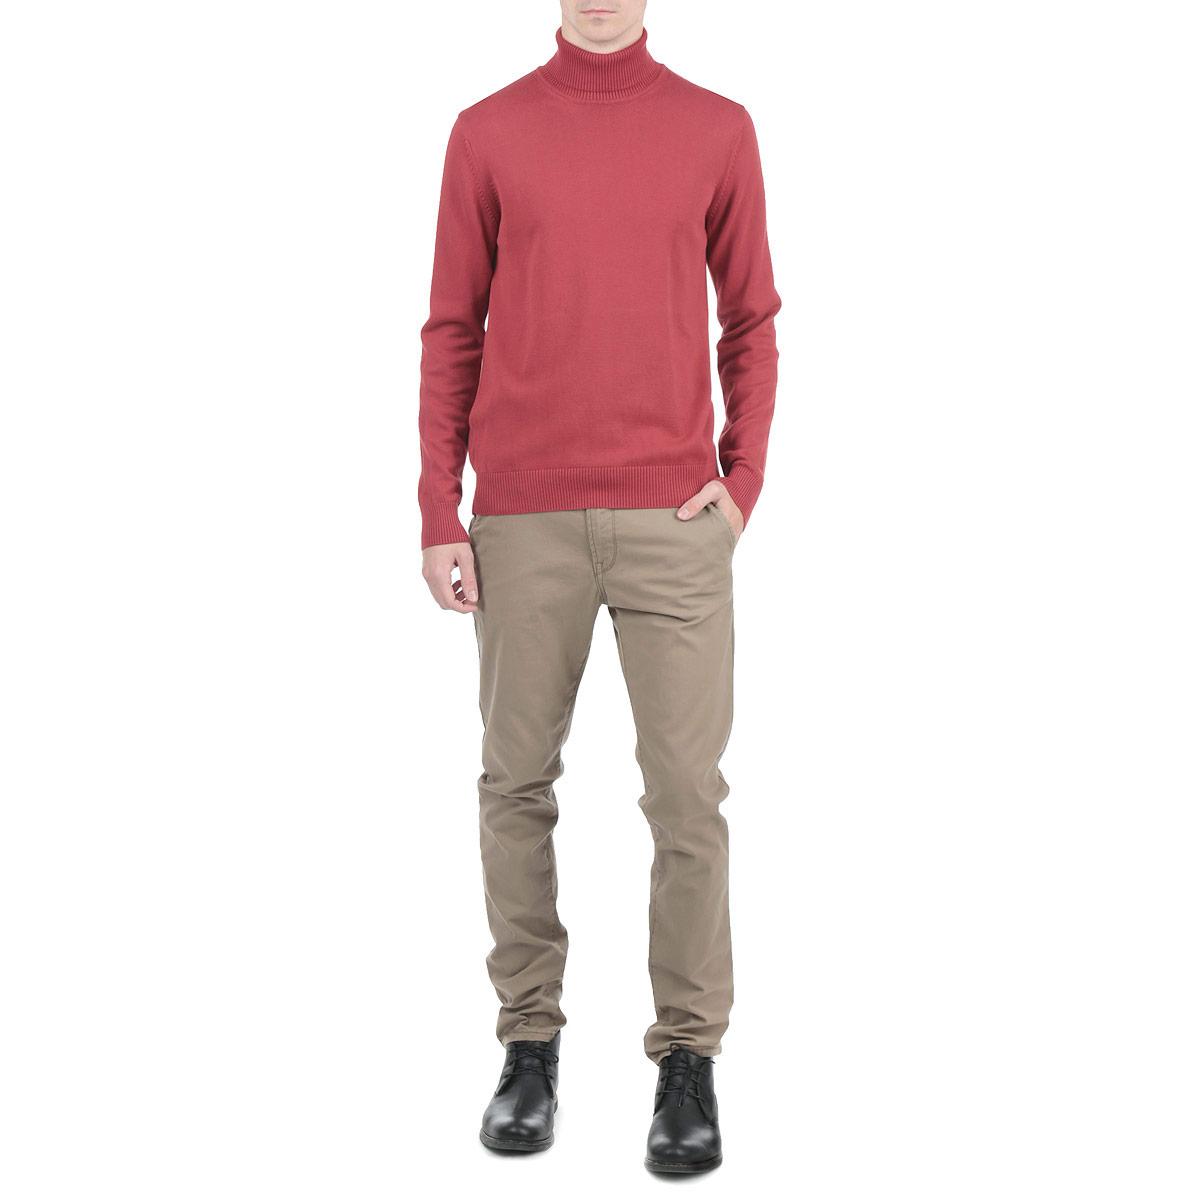 Водолазка мужская Dekato, цвет: красный. 412051-2 43. Размер XXL (54)